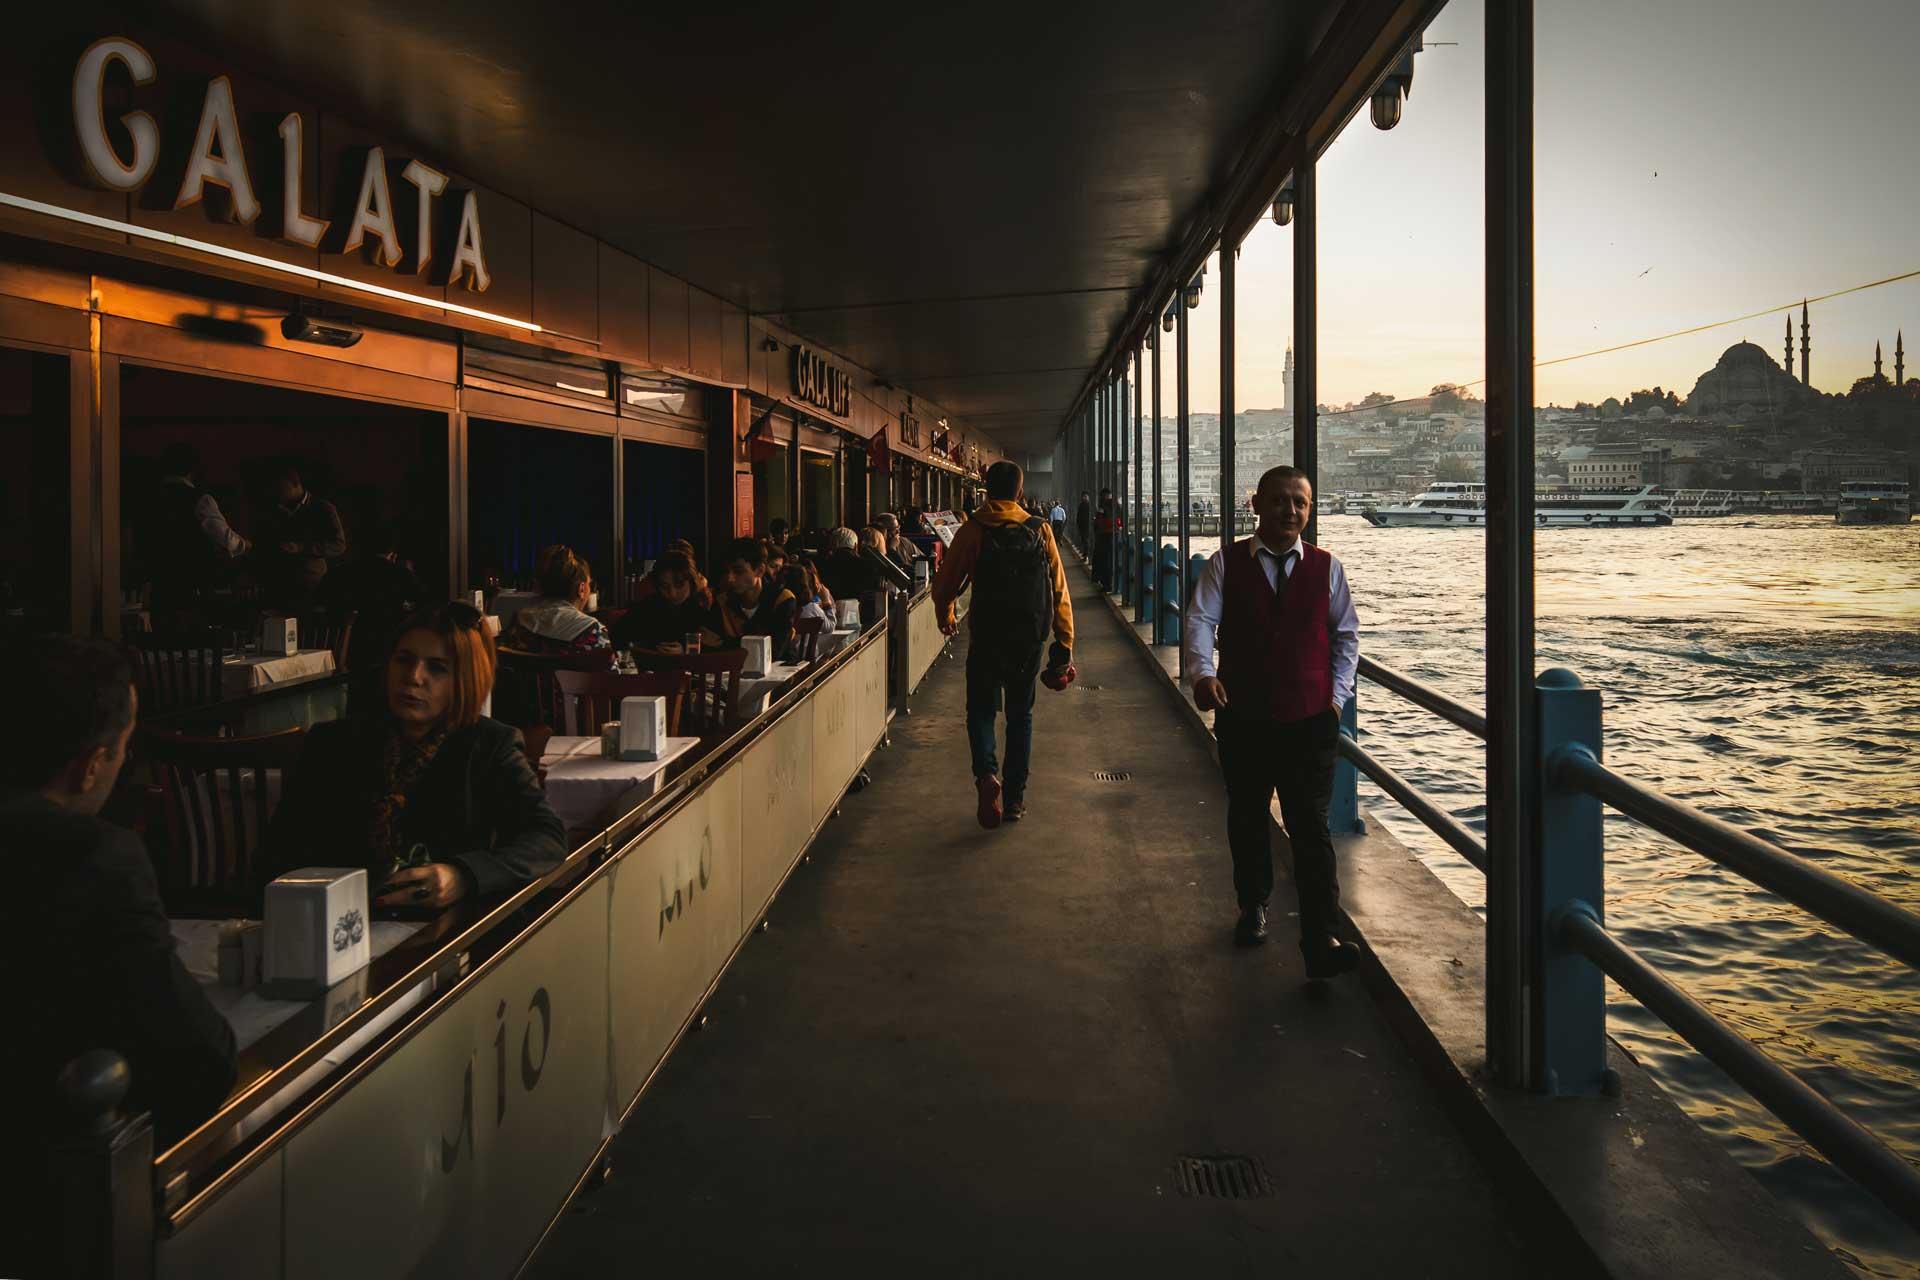 İstanbul Fotoğrafları Galata Köprüsü Çekergezer Hakan Aydın Fotoğrafları www.cekergezer.com